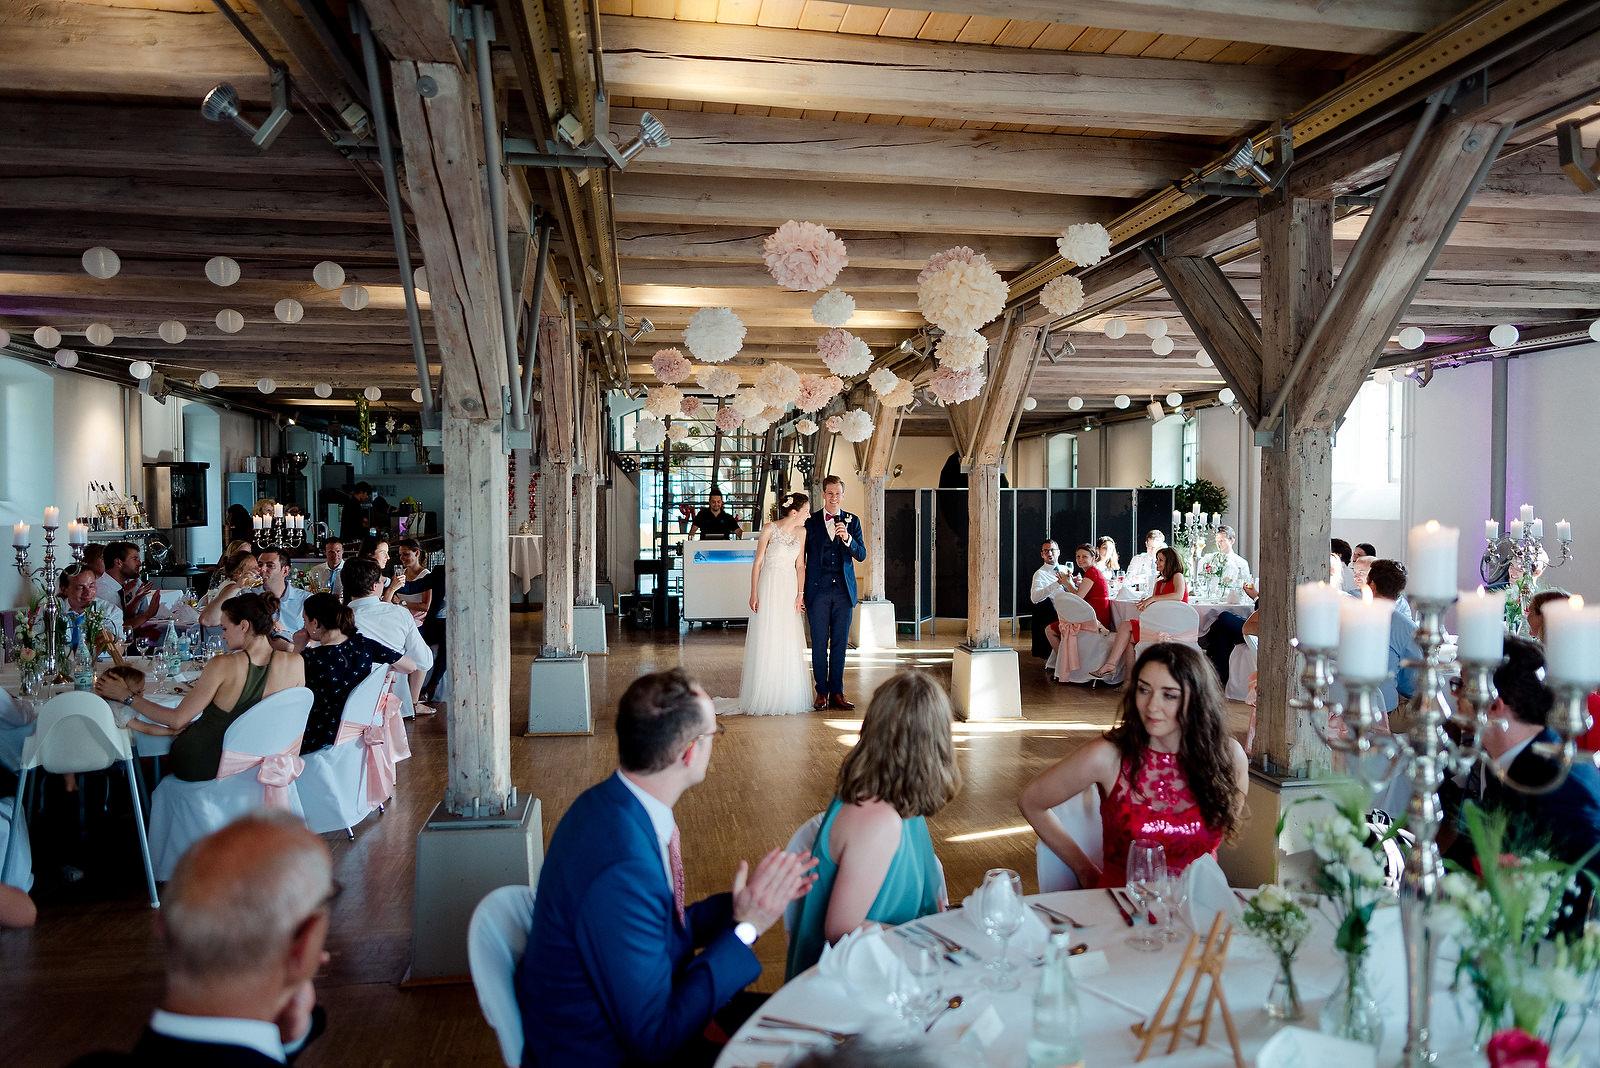 Fotograf Konstanz - Hochzeitsfotograf Bodensee Zollhaus Ludwigshafen Hochzeit Konstanz EFP 082 - Hochzeitsreportage im Zollhaus in Bodman-Ludwigshafen, Bodensee  - 202 -